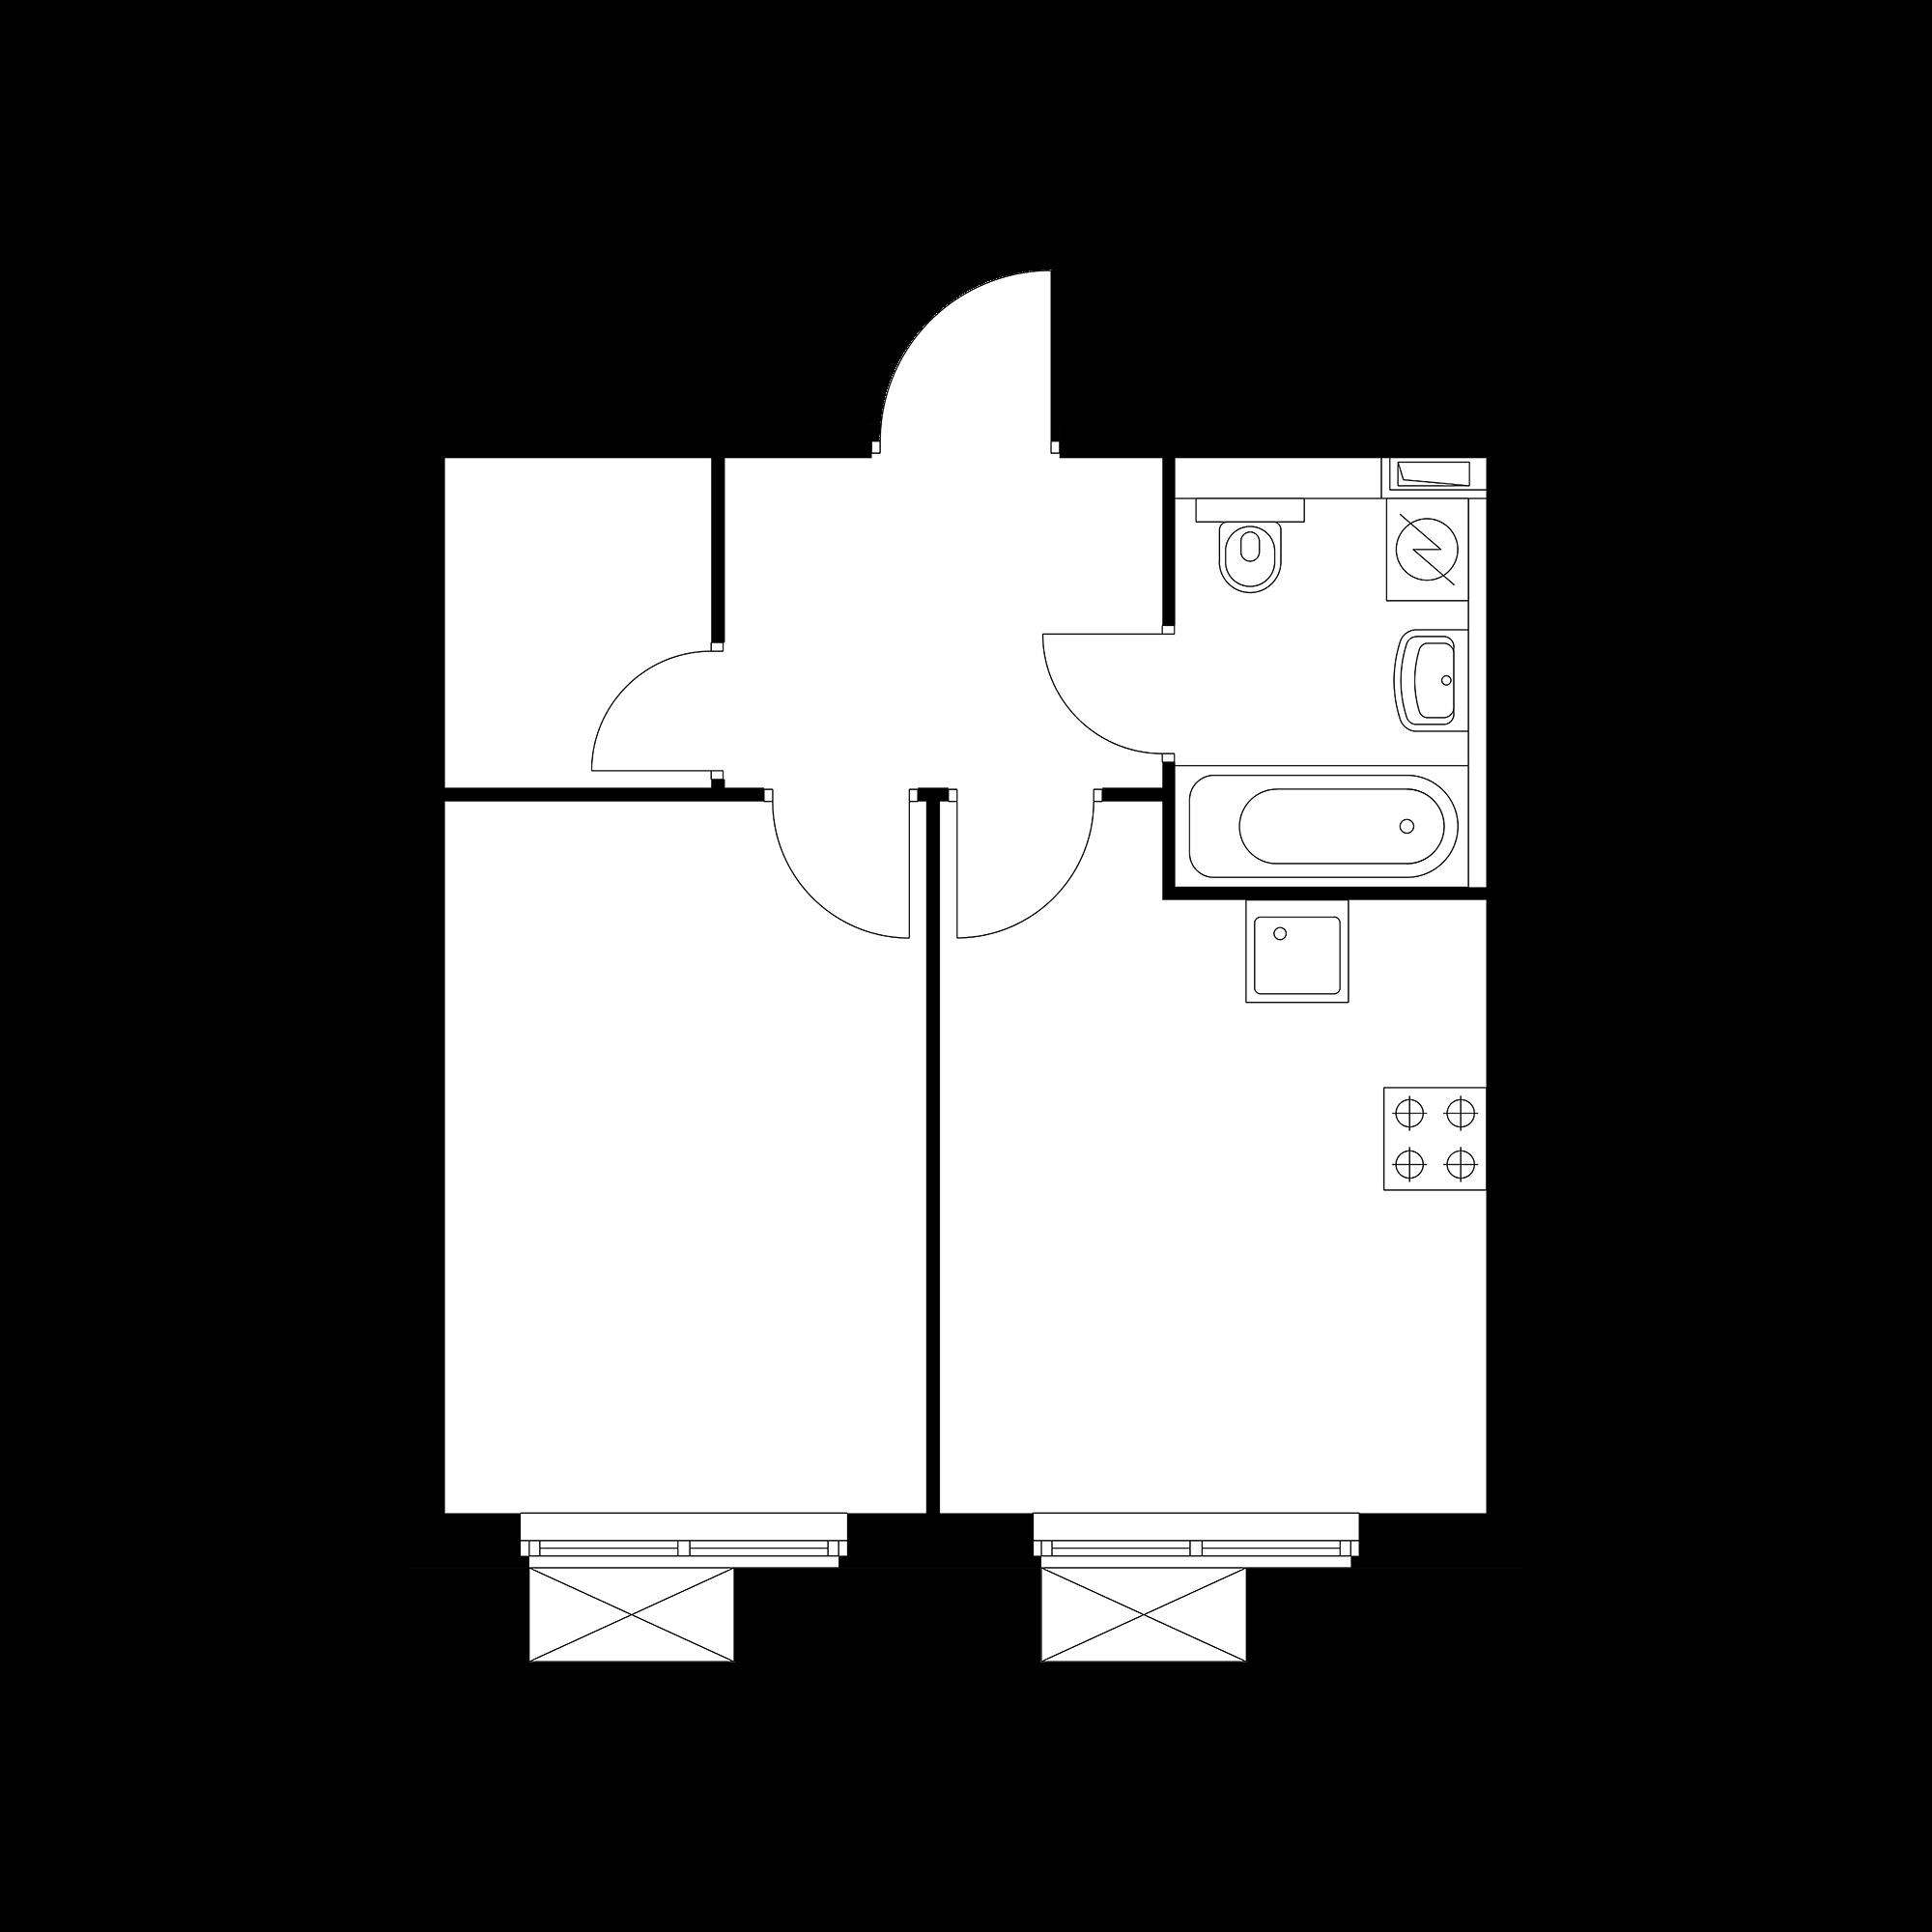 1-комнатная 36.12  м²